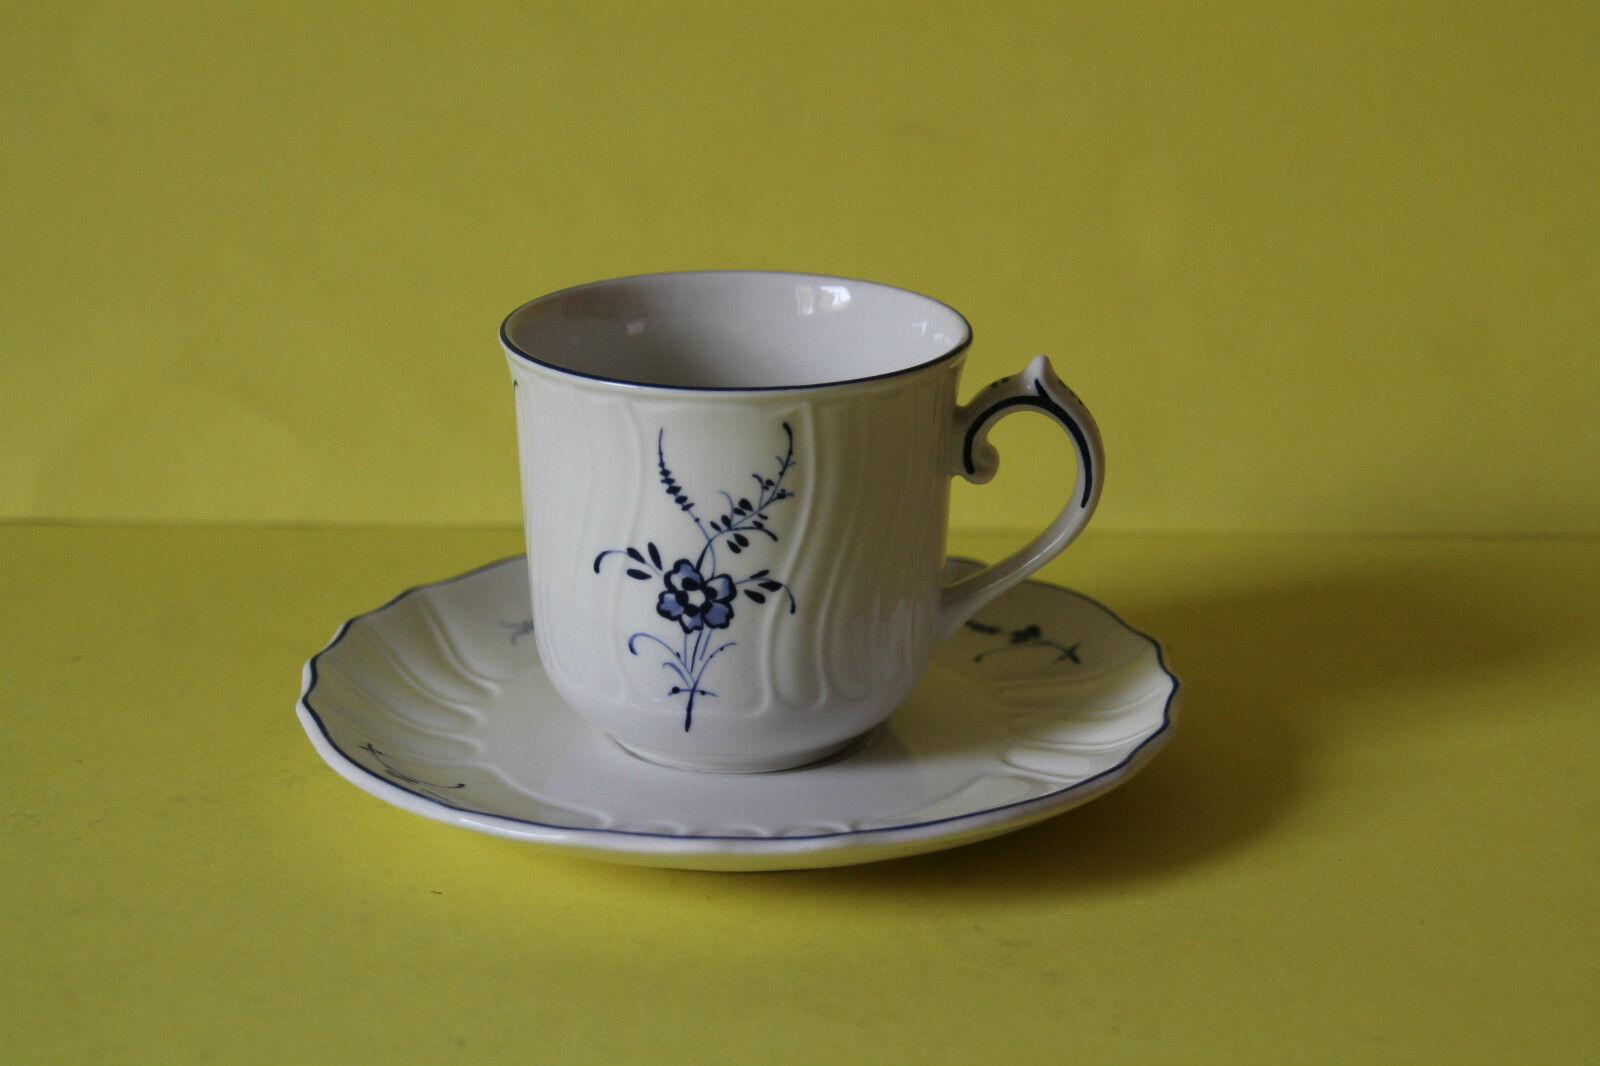 6 VILLEROY ET BOCH ALT VIEUX appliquent Luxembourg Tasse à café avec soucoupe 6 pièces